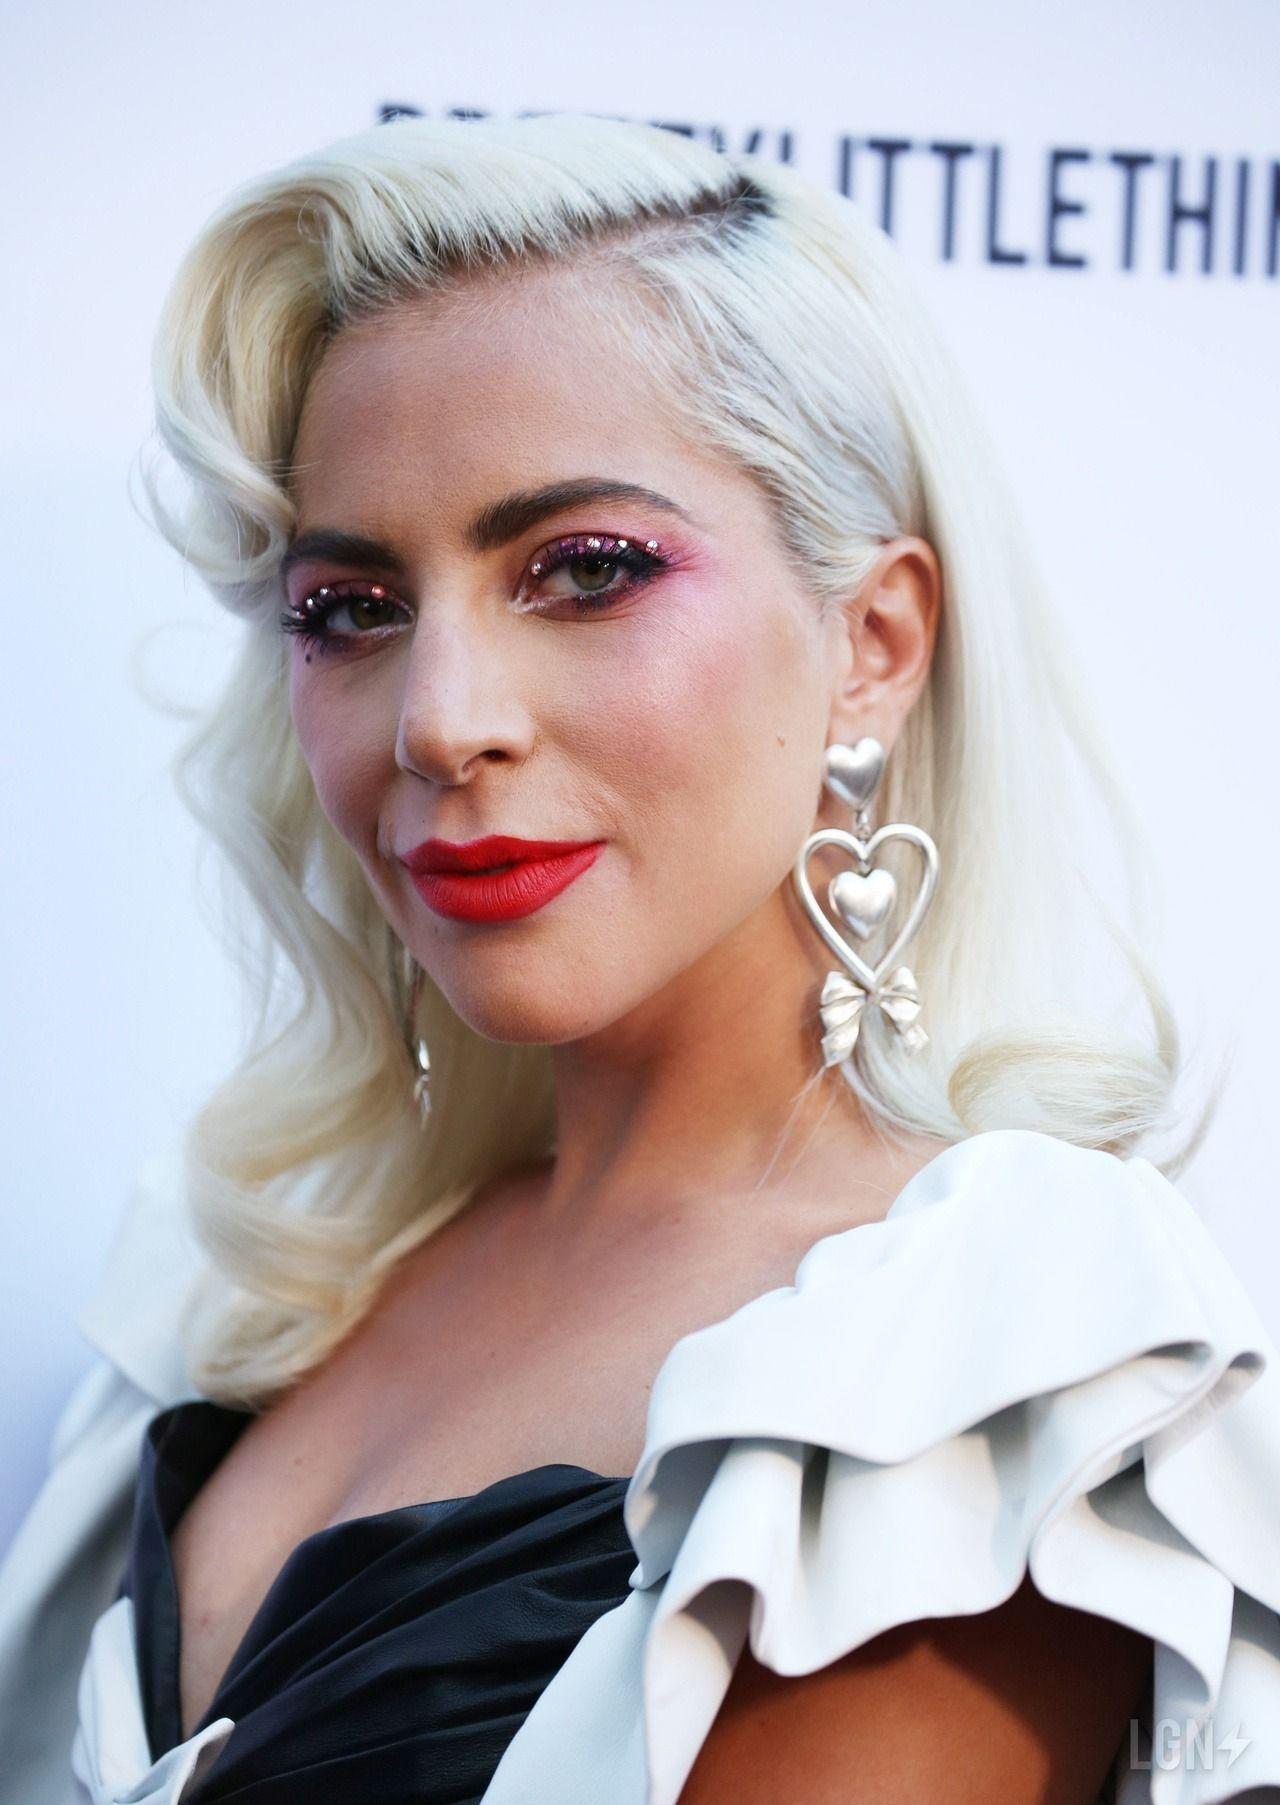 Lady GaGa Lady gaga makeup, Lady gaga, Celebs without makeup